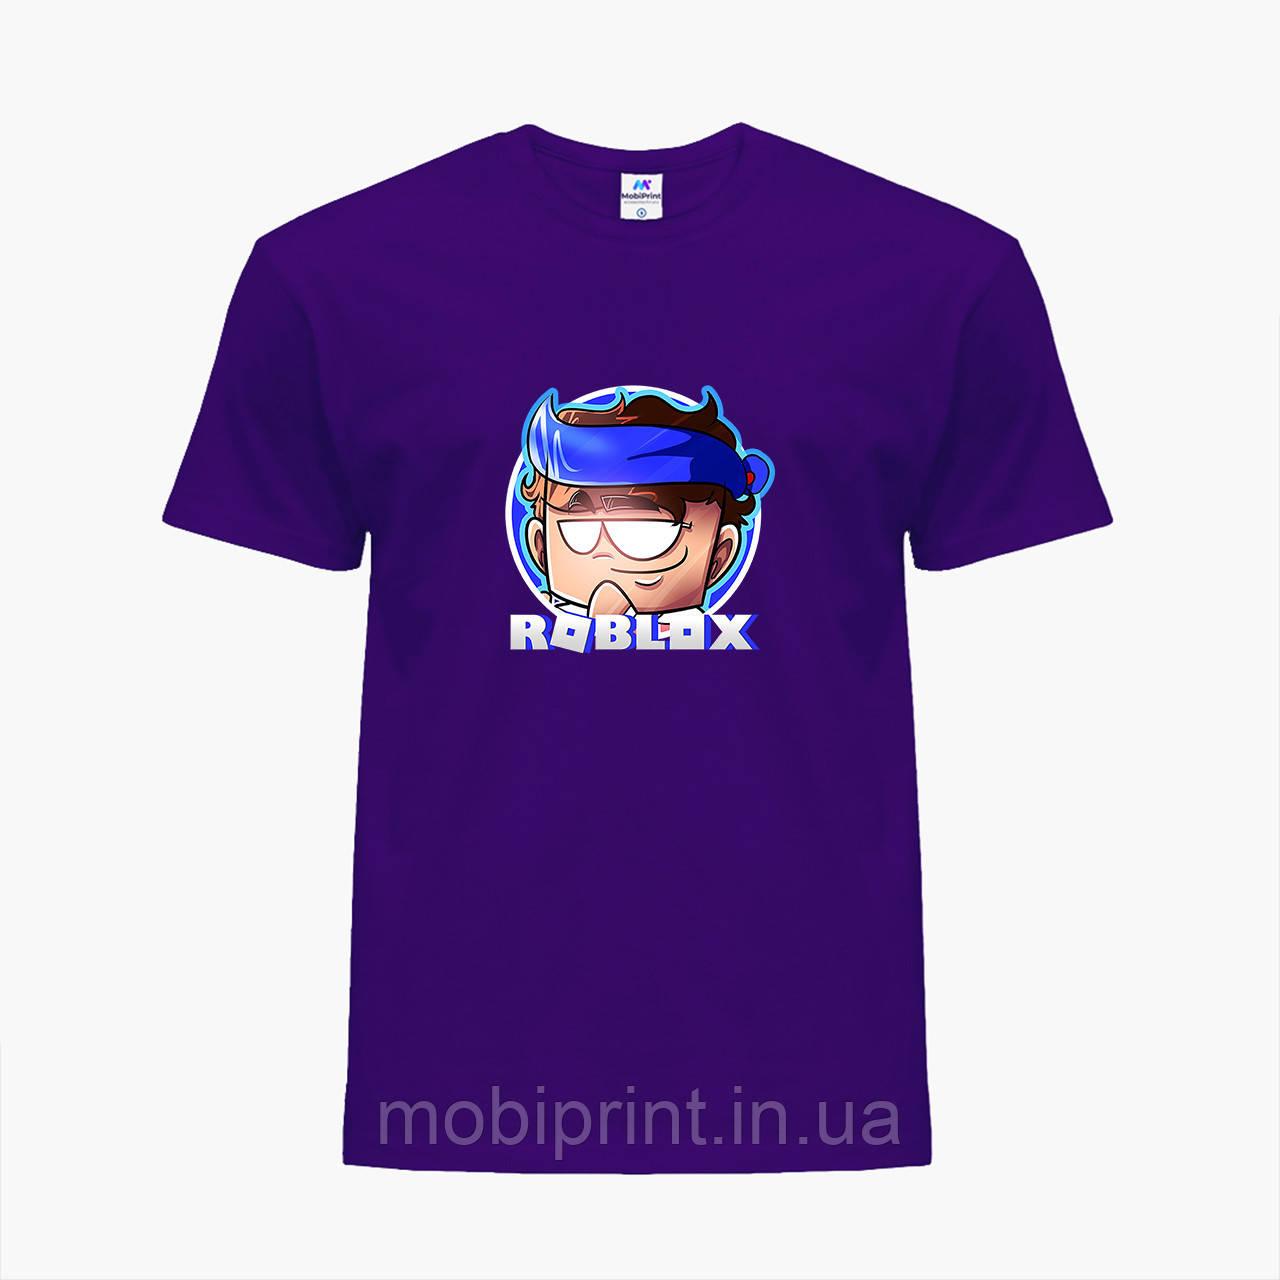 Детская футболка для мальчиков Роблокс (Roblox) (25186-1224) Фиолетовый